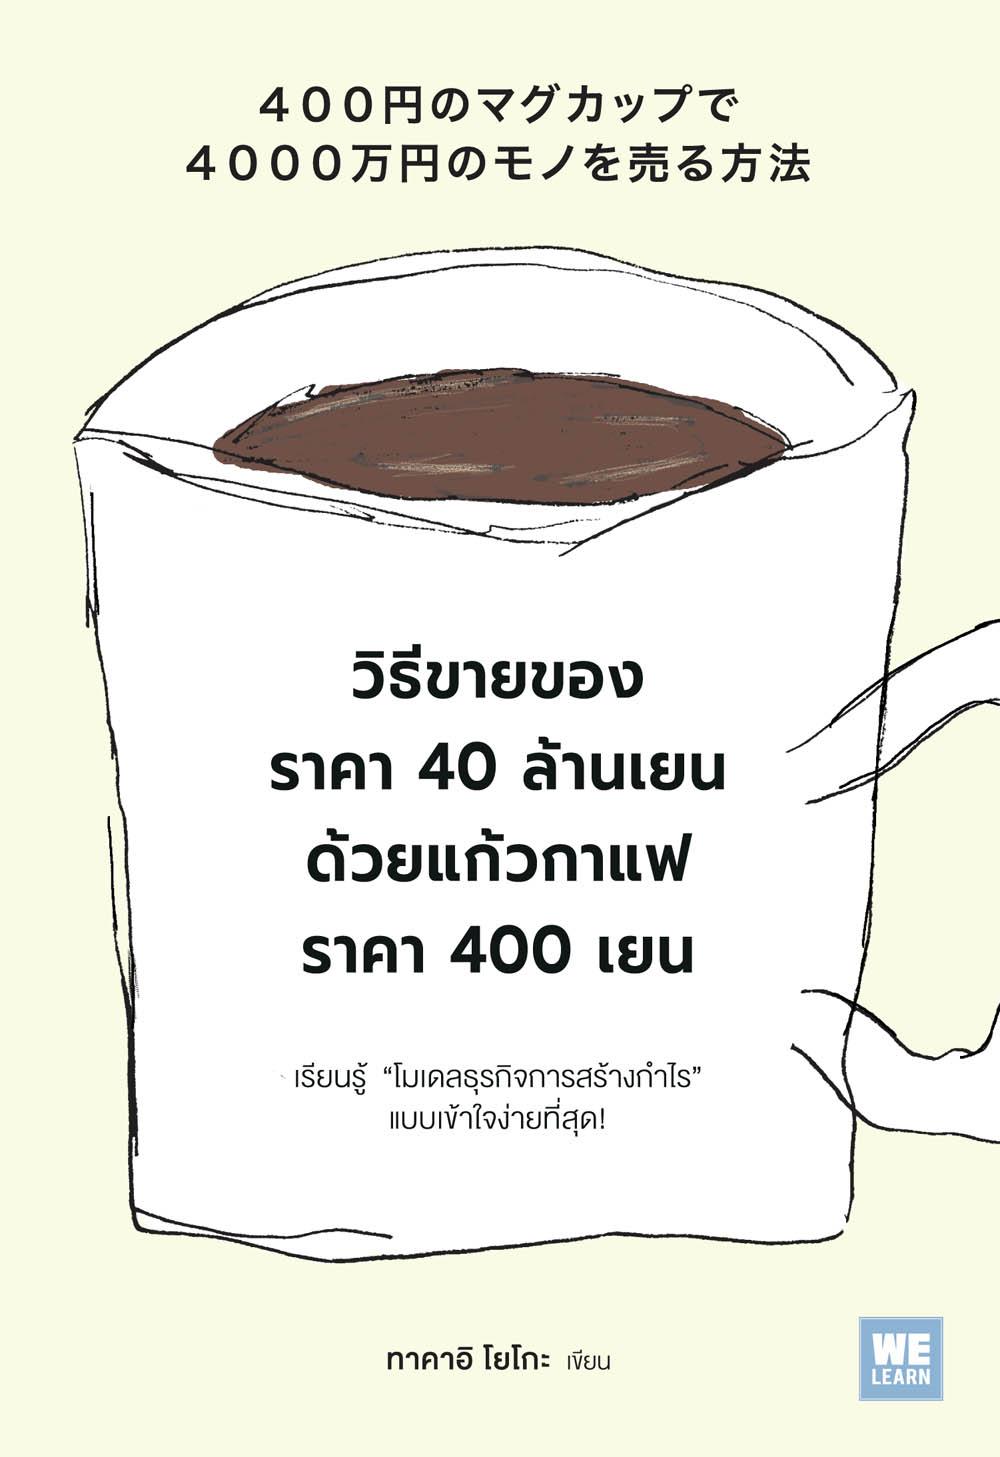 วิธีขายของราคา 40 ล้านเยน ด้วยแก้วกาแฟราคา 400 เยน  (400円のマグカップで4000万円のモノを売る方法)